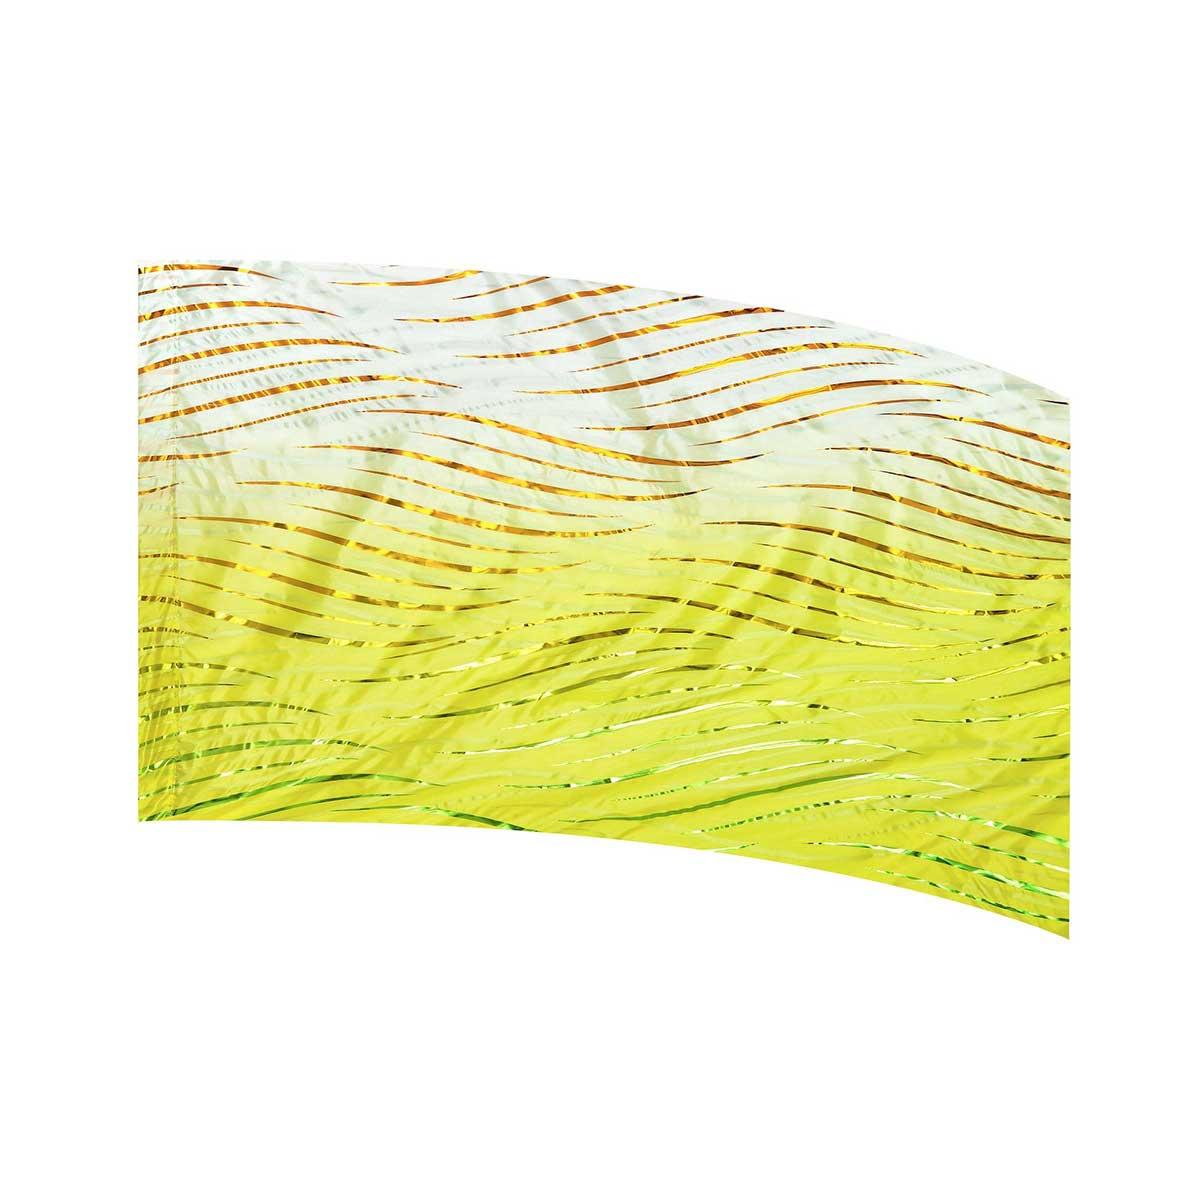 In-Stock Genesis Flags: 3009